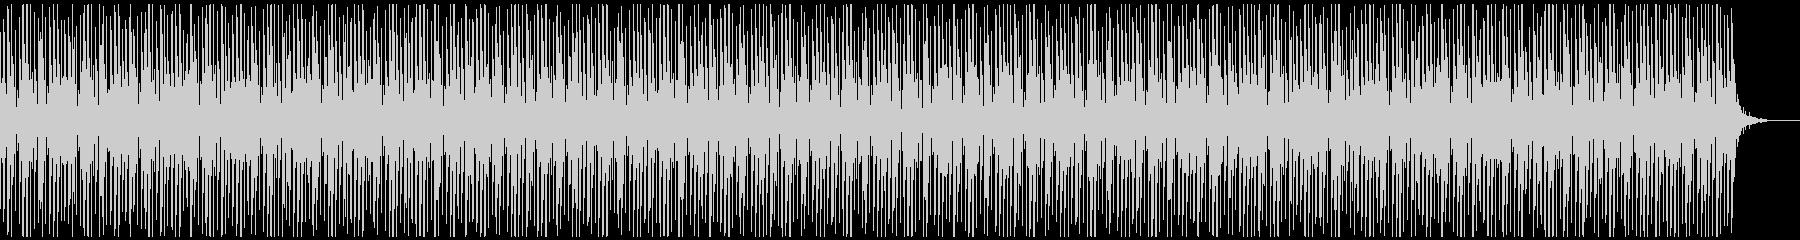 [ニュース報道]無機質:フラット:10の未再生の波形